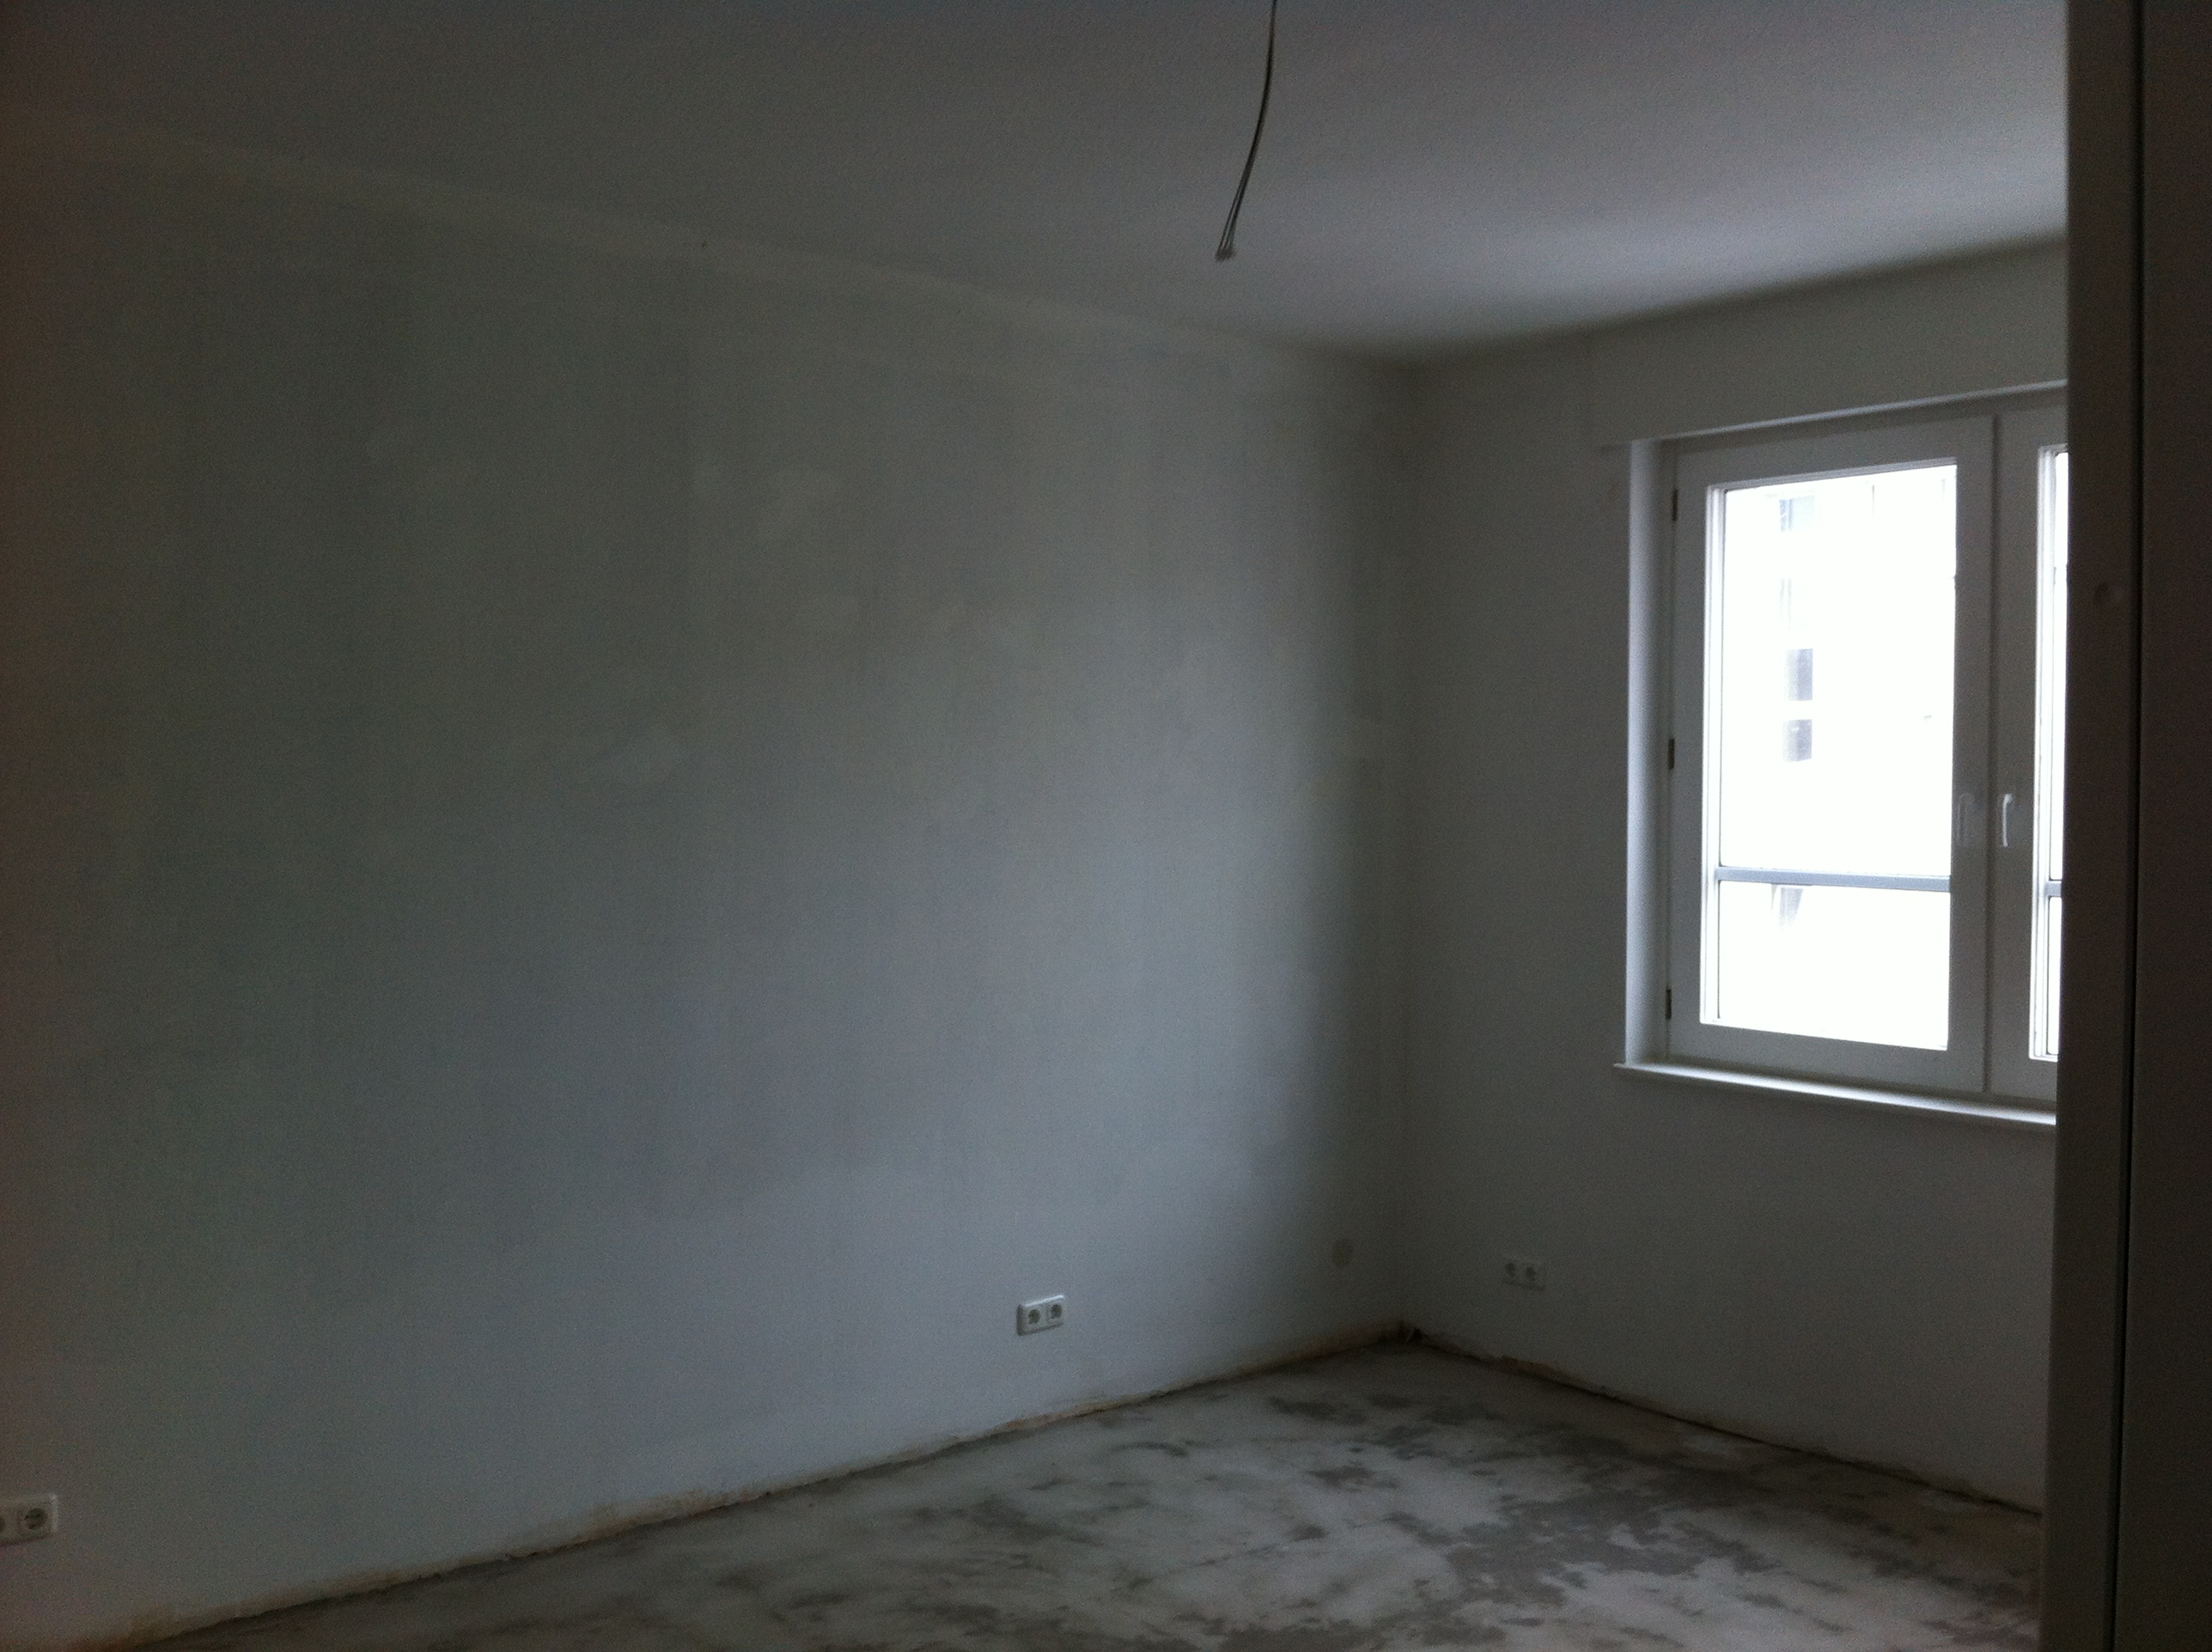 mit kalkfarbe streichen simple rabatt sale sonderpreis pure original with mit kalkfarbe. Black Bedroom Furniture Sets. Home Design Ideas